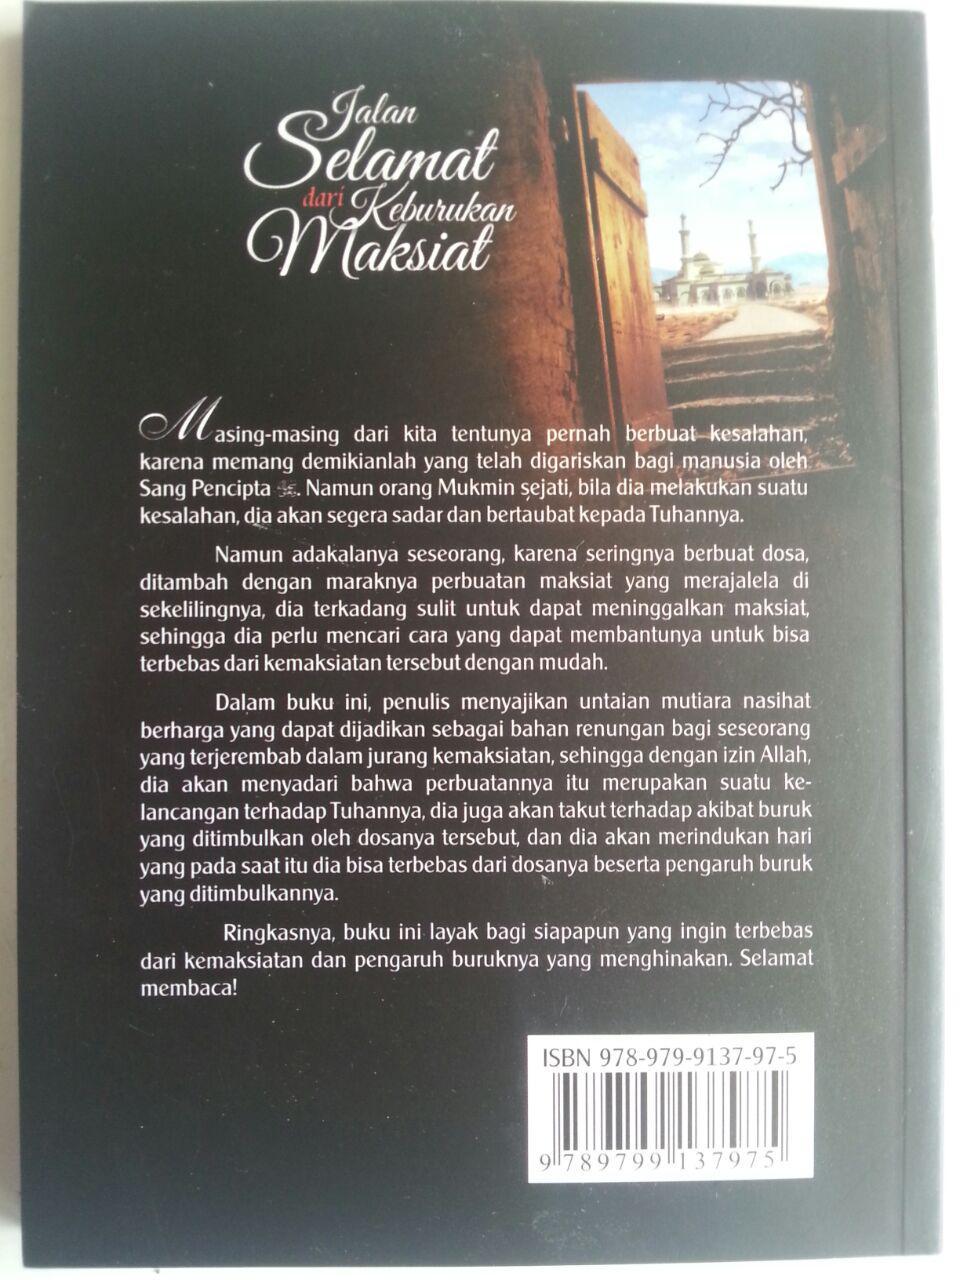 Buku Jalan Selamat Dari Keburukan Maksiat cover